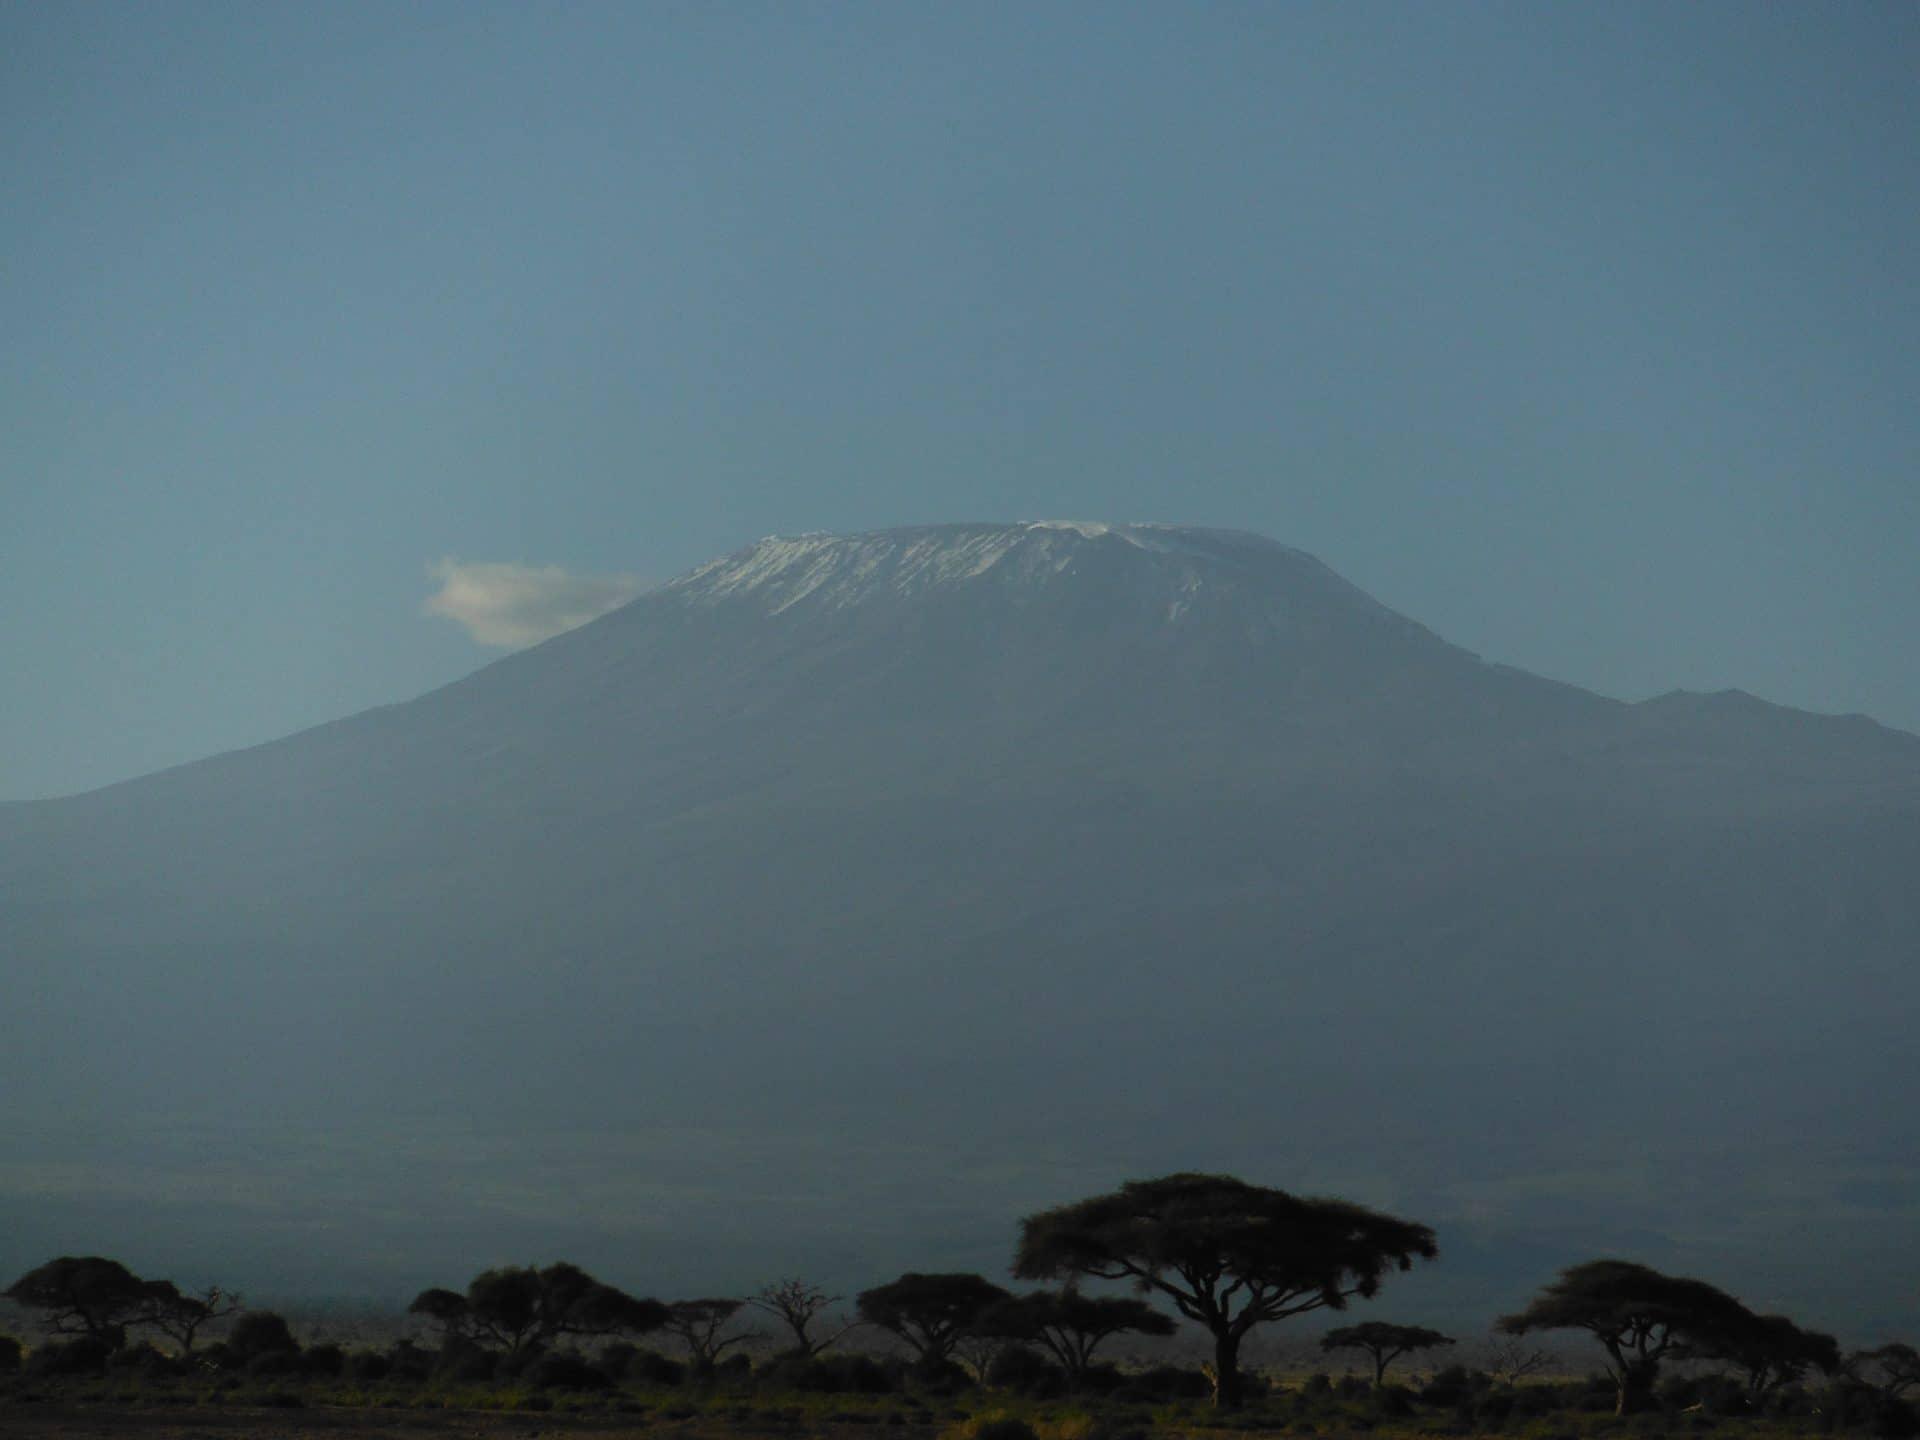 Afrique-kenya-montagne-stf-goyav